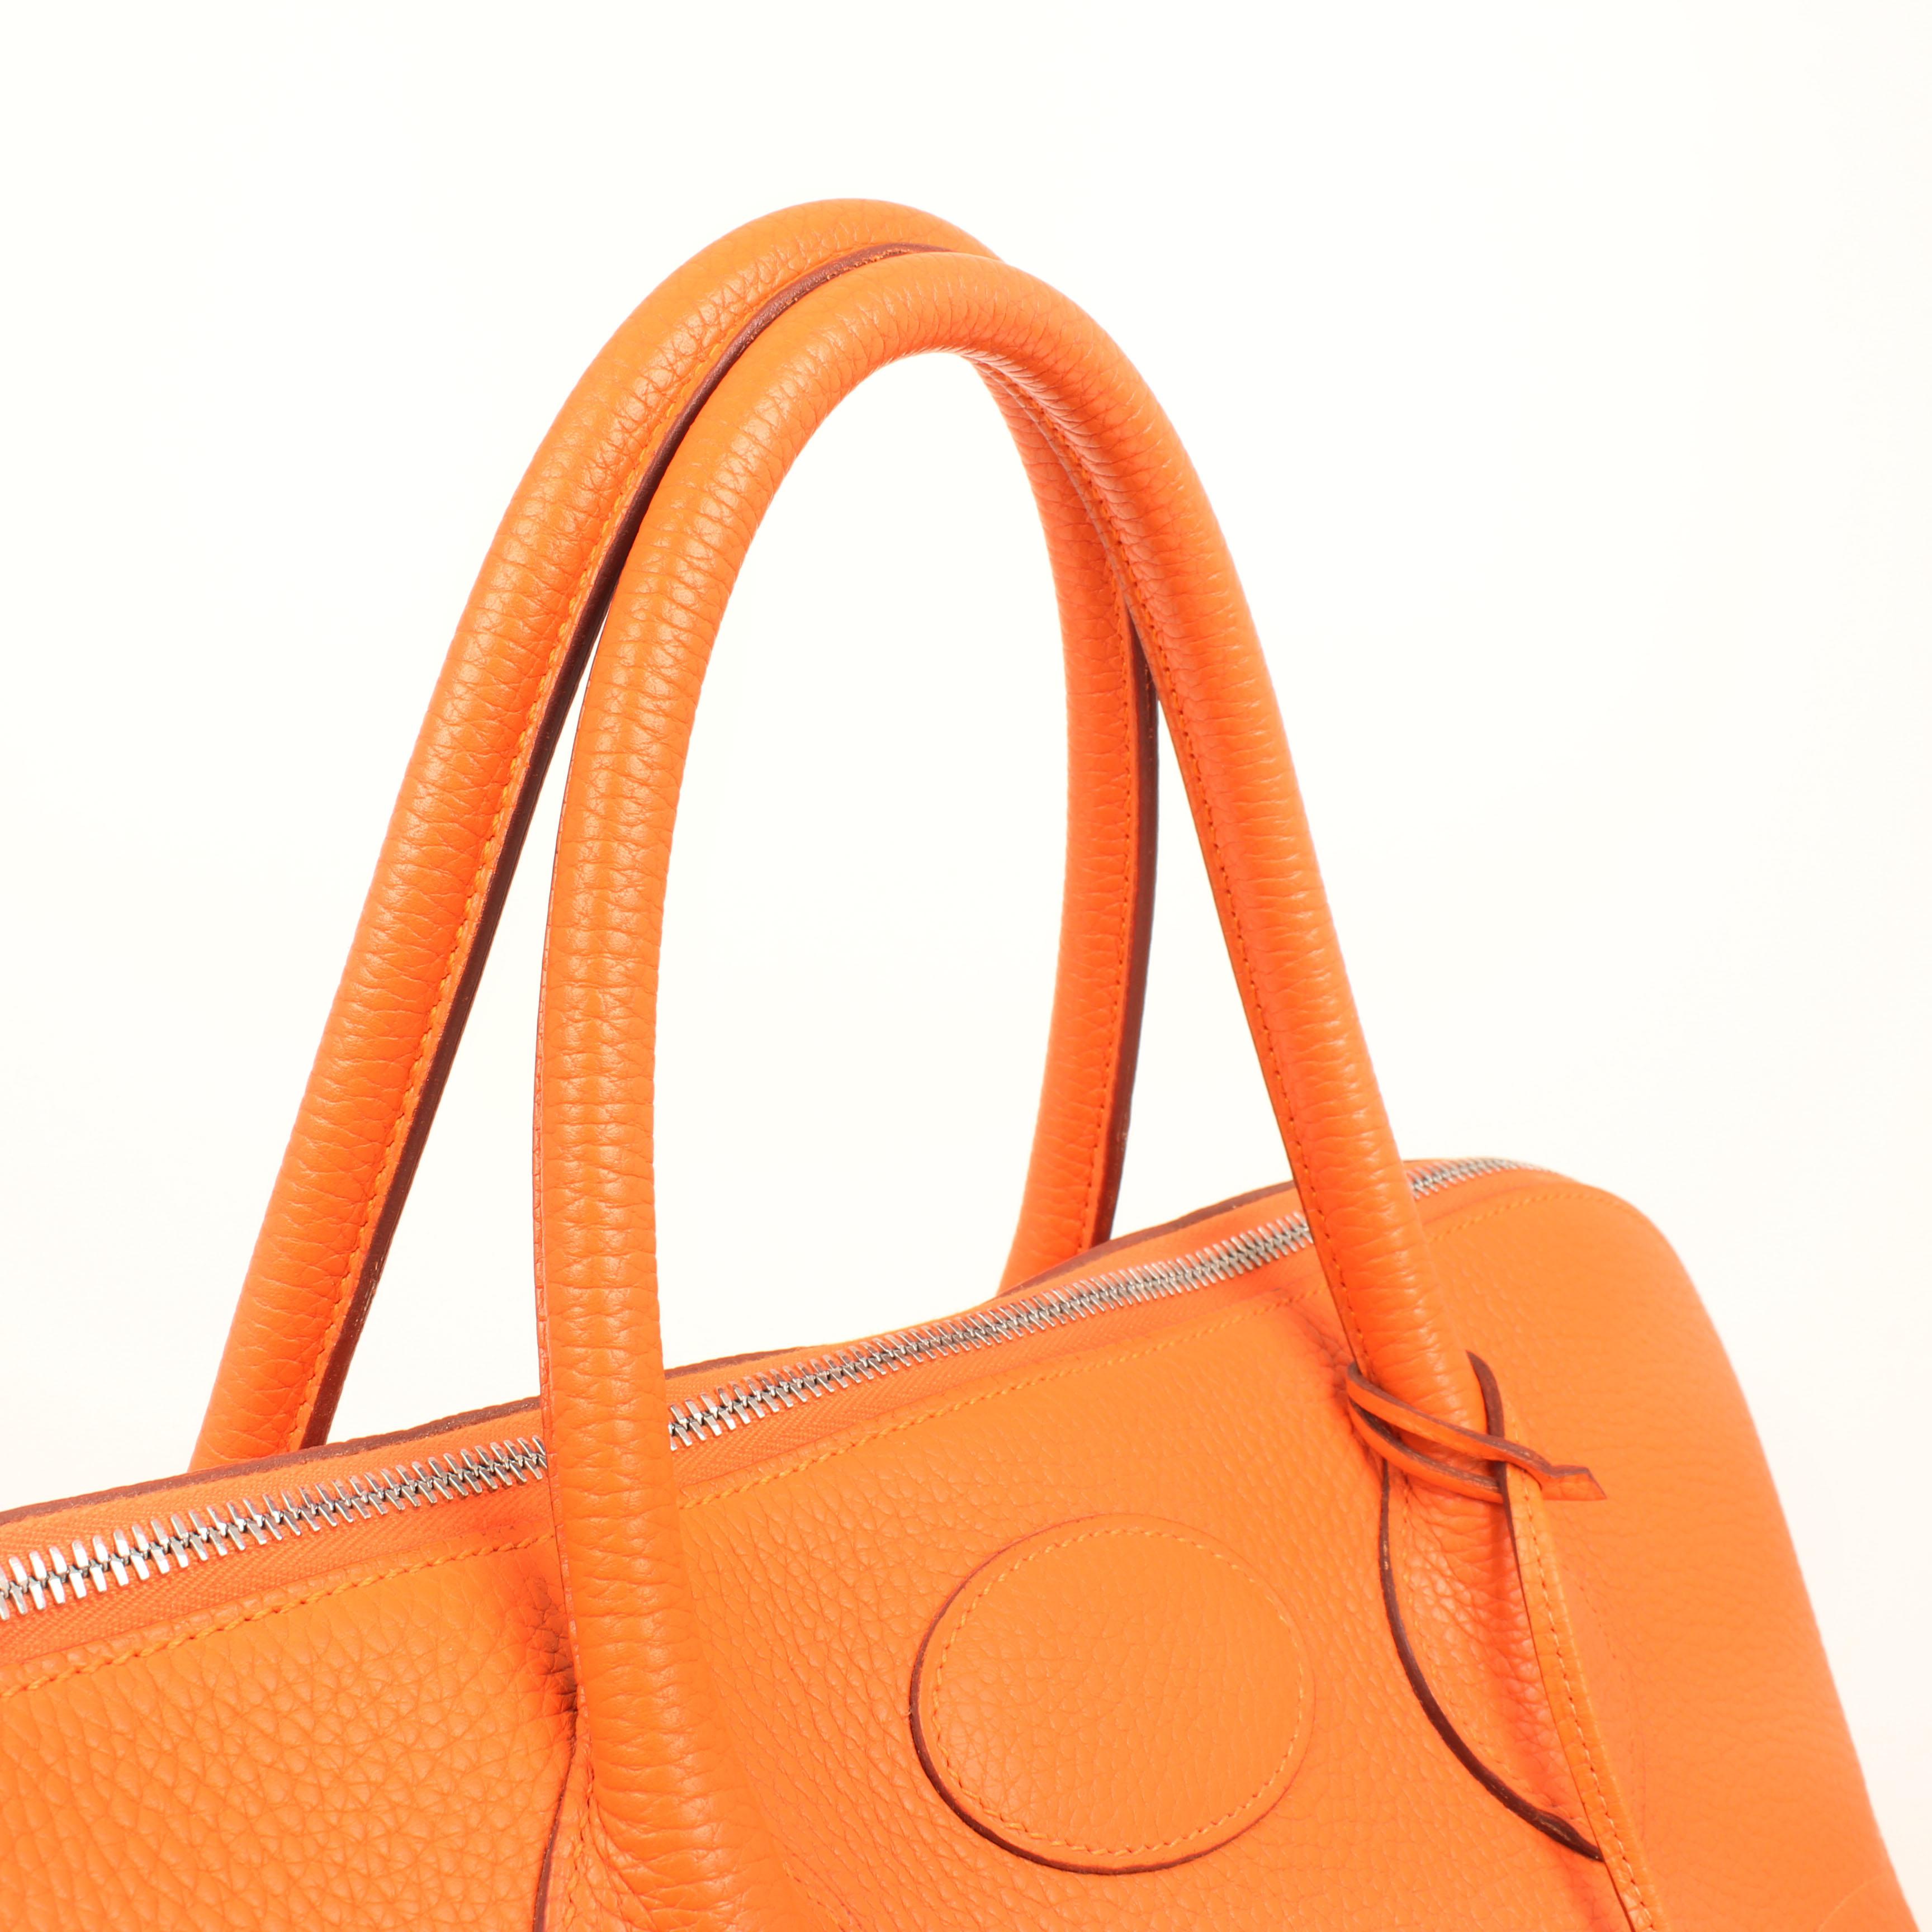 bolsa de viaje hermes bolide 45 piel togo naranja asas